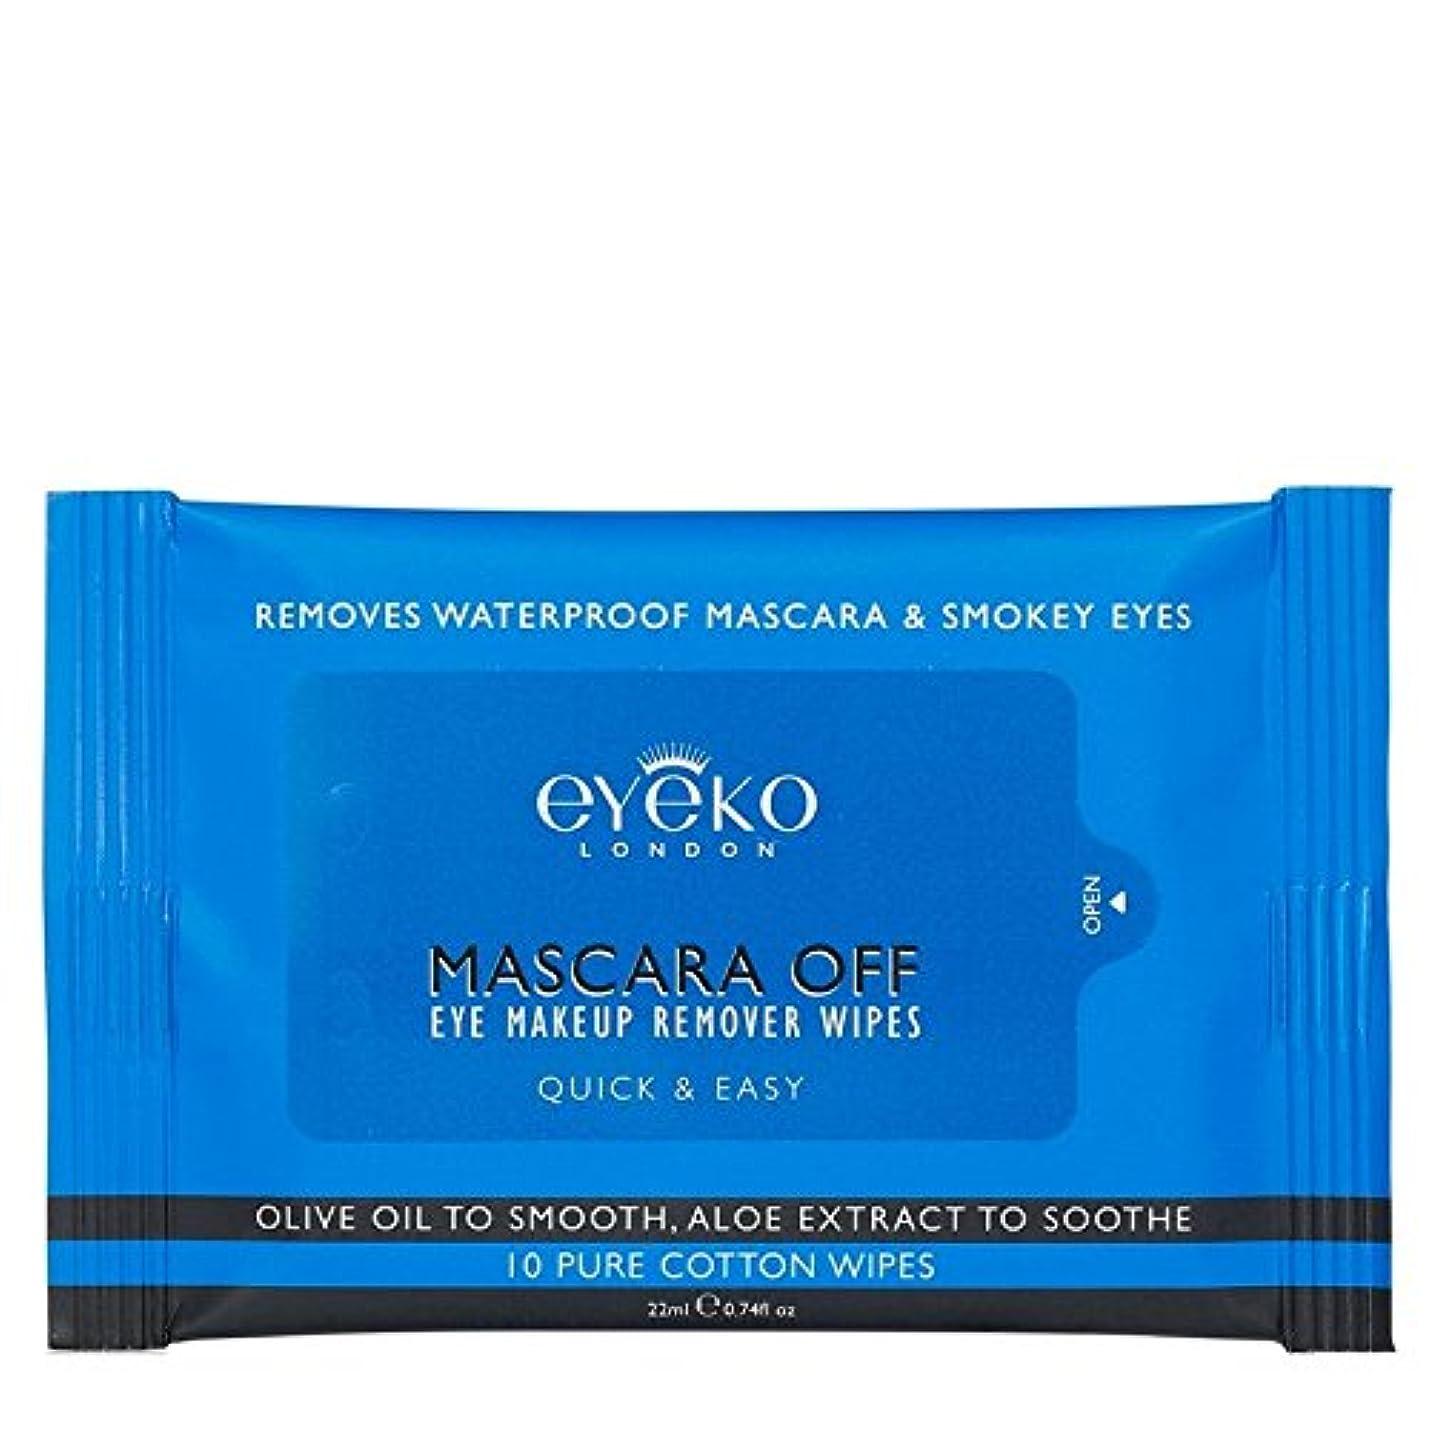 細断鰐床マスカラオフパックあたり10ワイプ x4 - Eyeko Mascara off Wipes 10 per pack (Pack of 4) [並行輸入品]